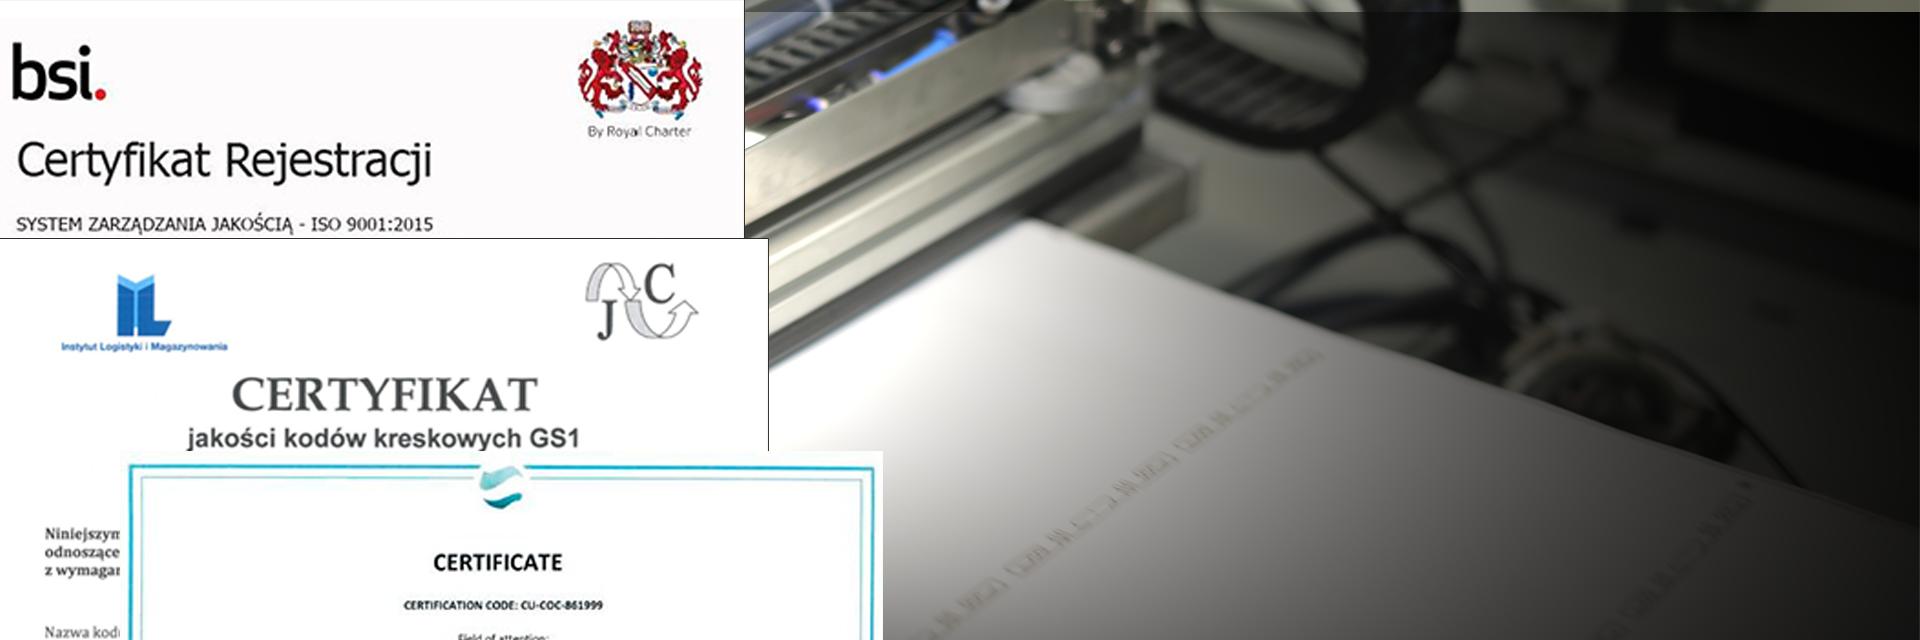 certyfikaty wordpress